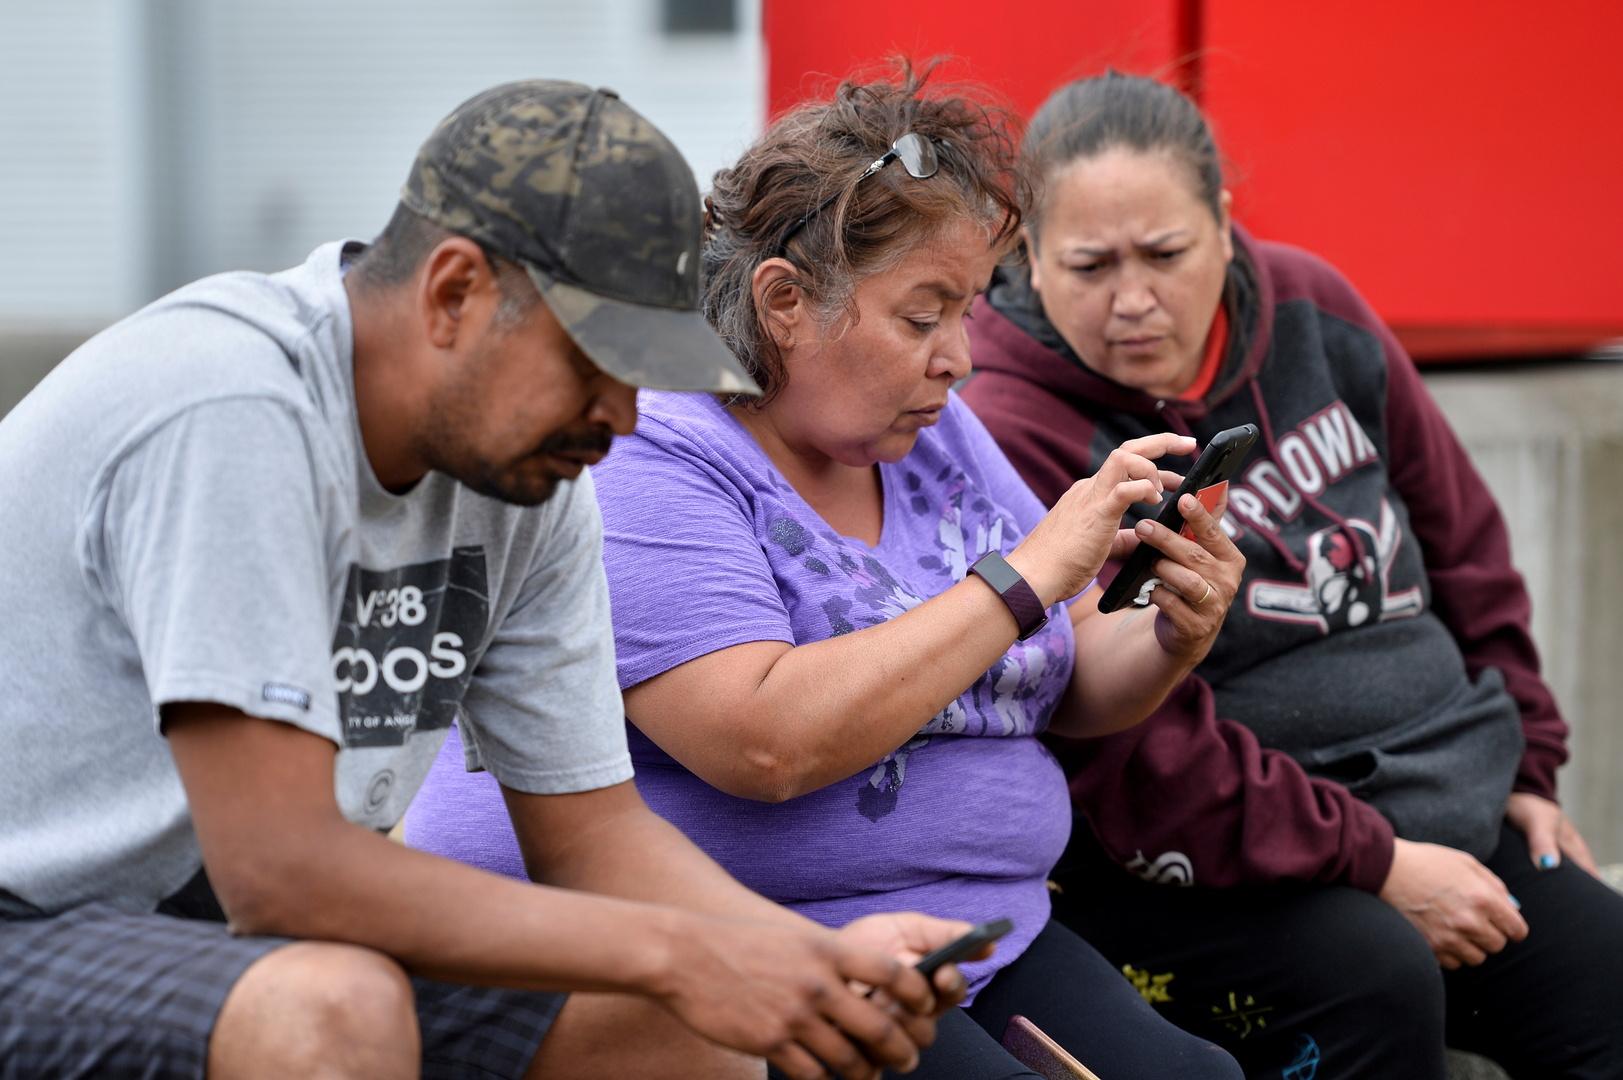 إجلاء مئات السكان غربي كندا بسبب الحرائق وموجة حر غير مسبوقة